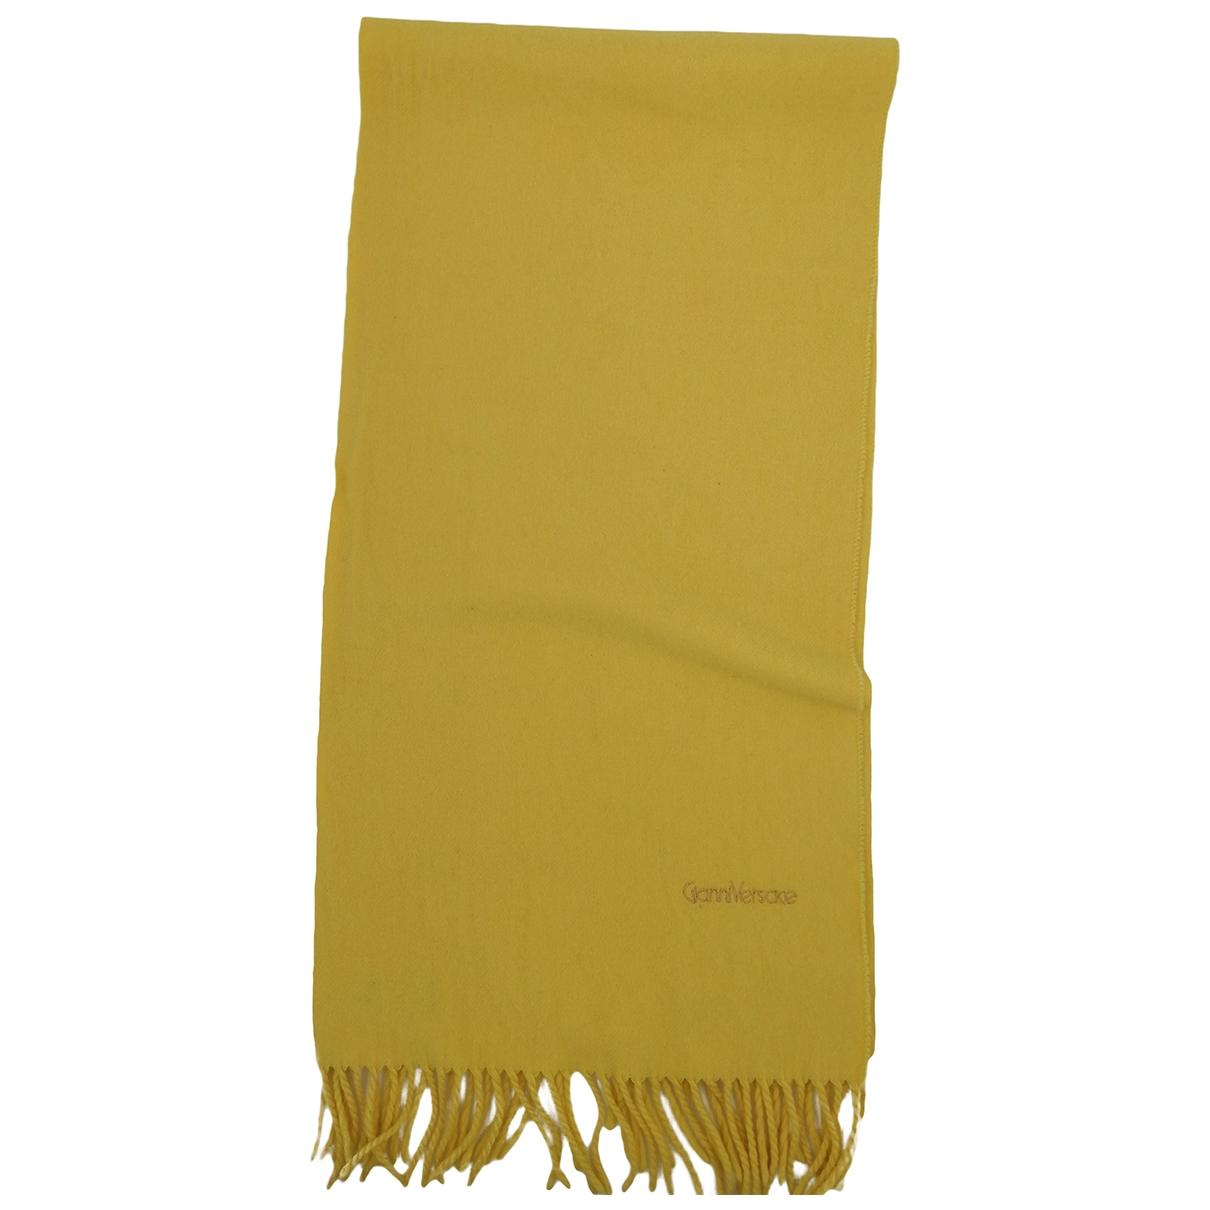 Gianni Versace \N Tuecher, Schal in  Gelb Wolle